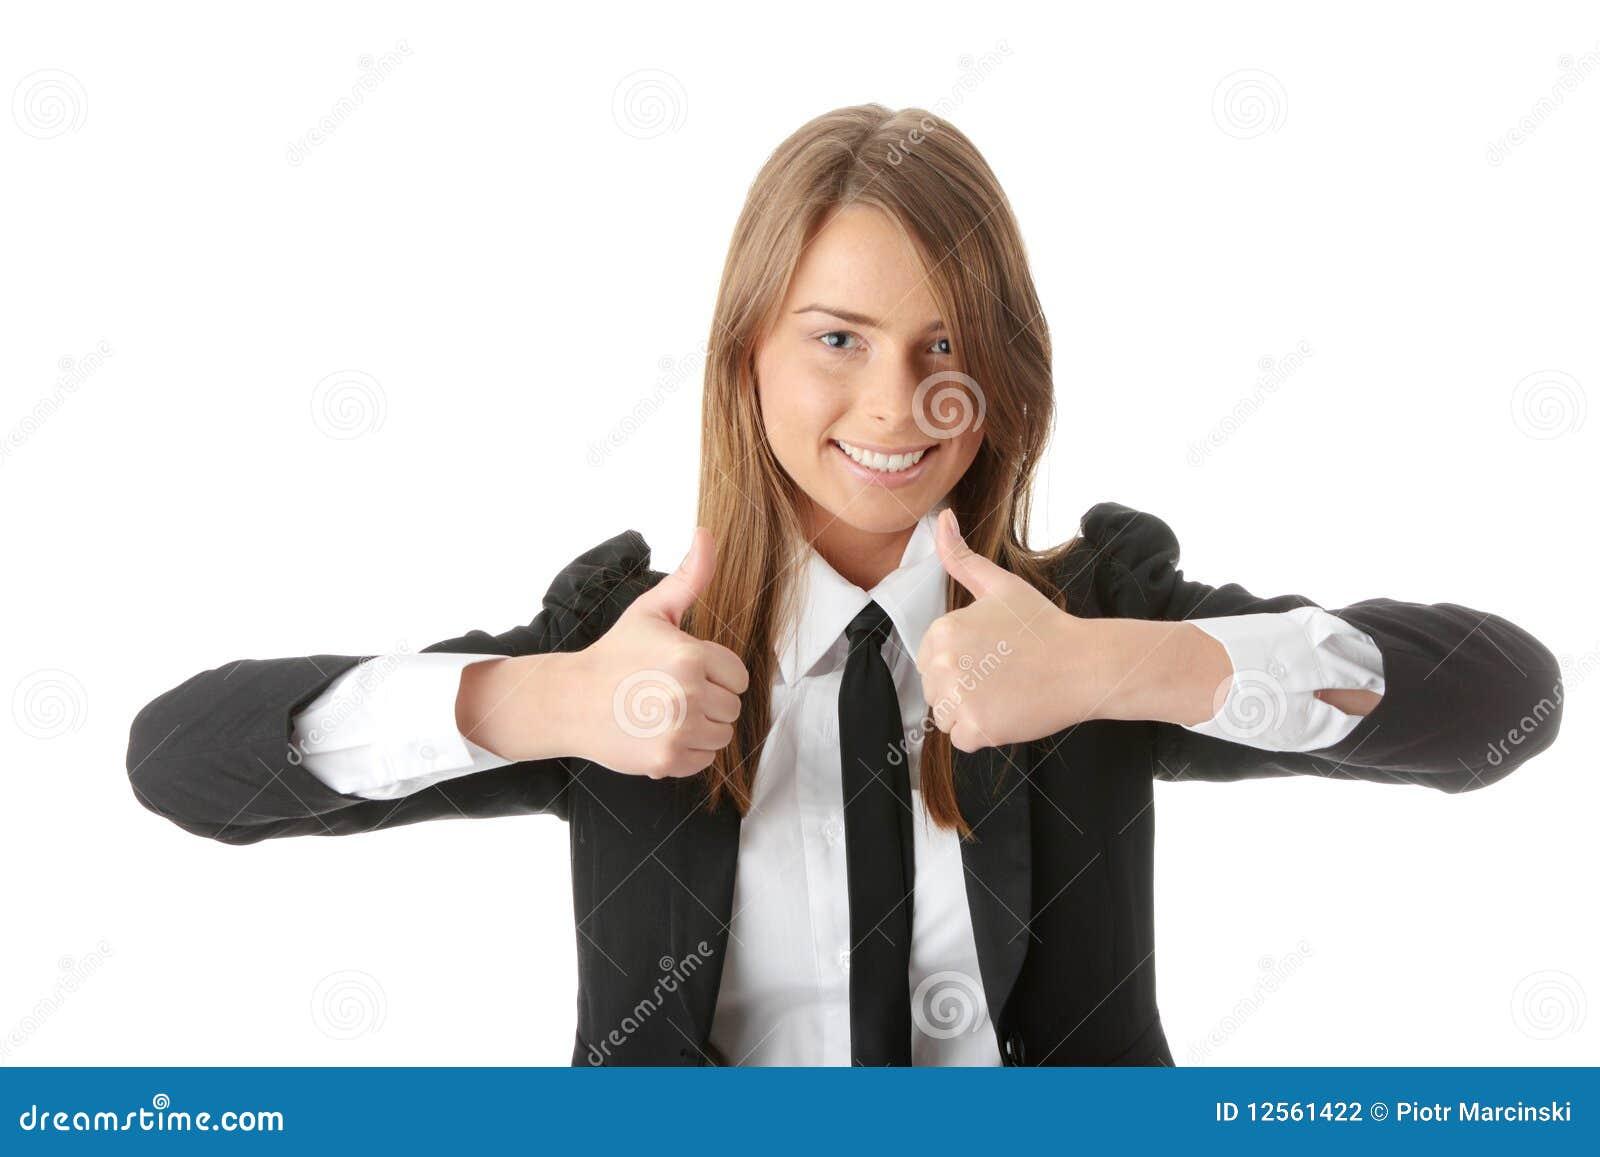 Удовлетворение девушки пальцем 16 фотография